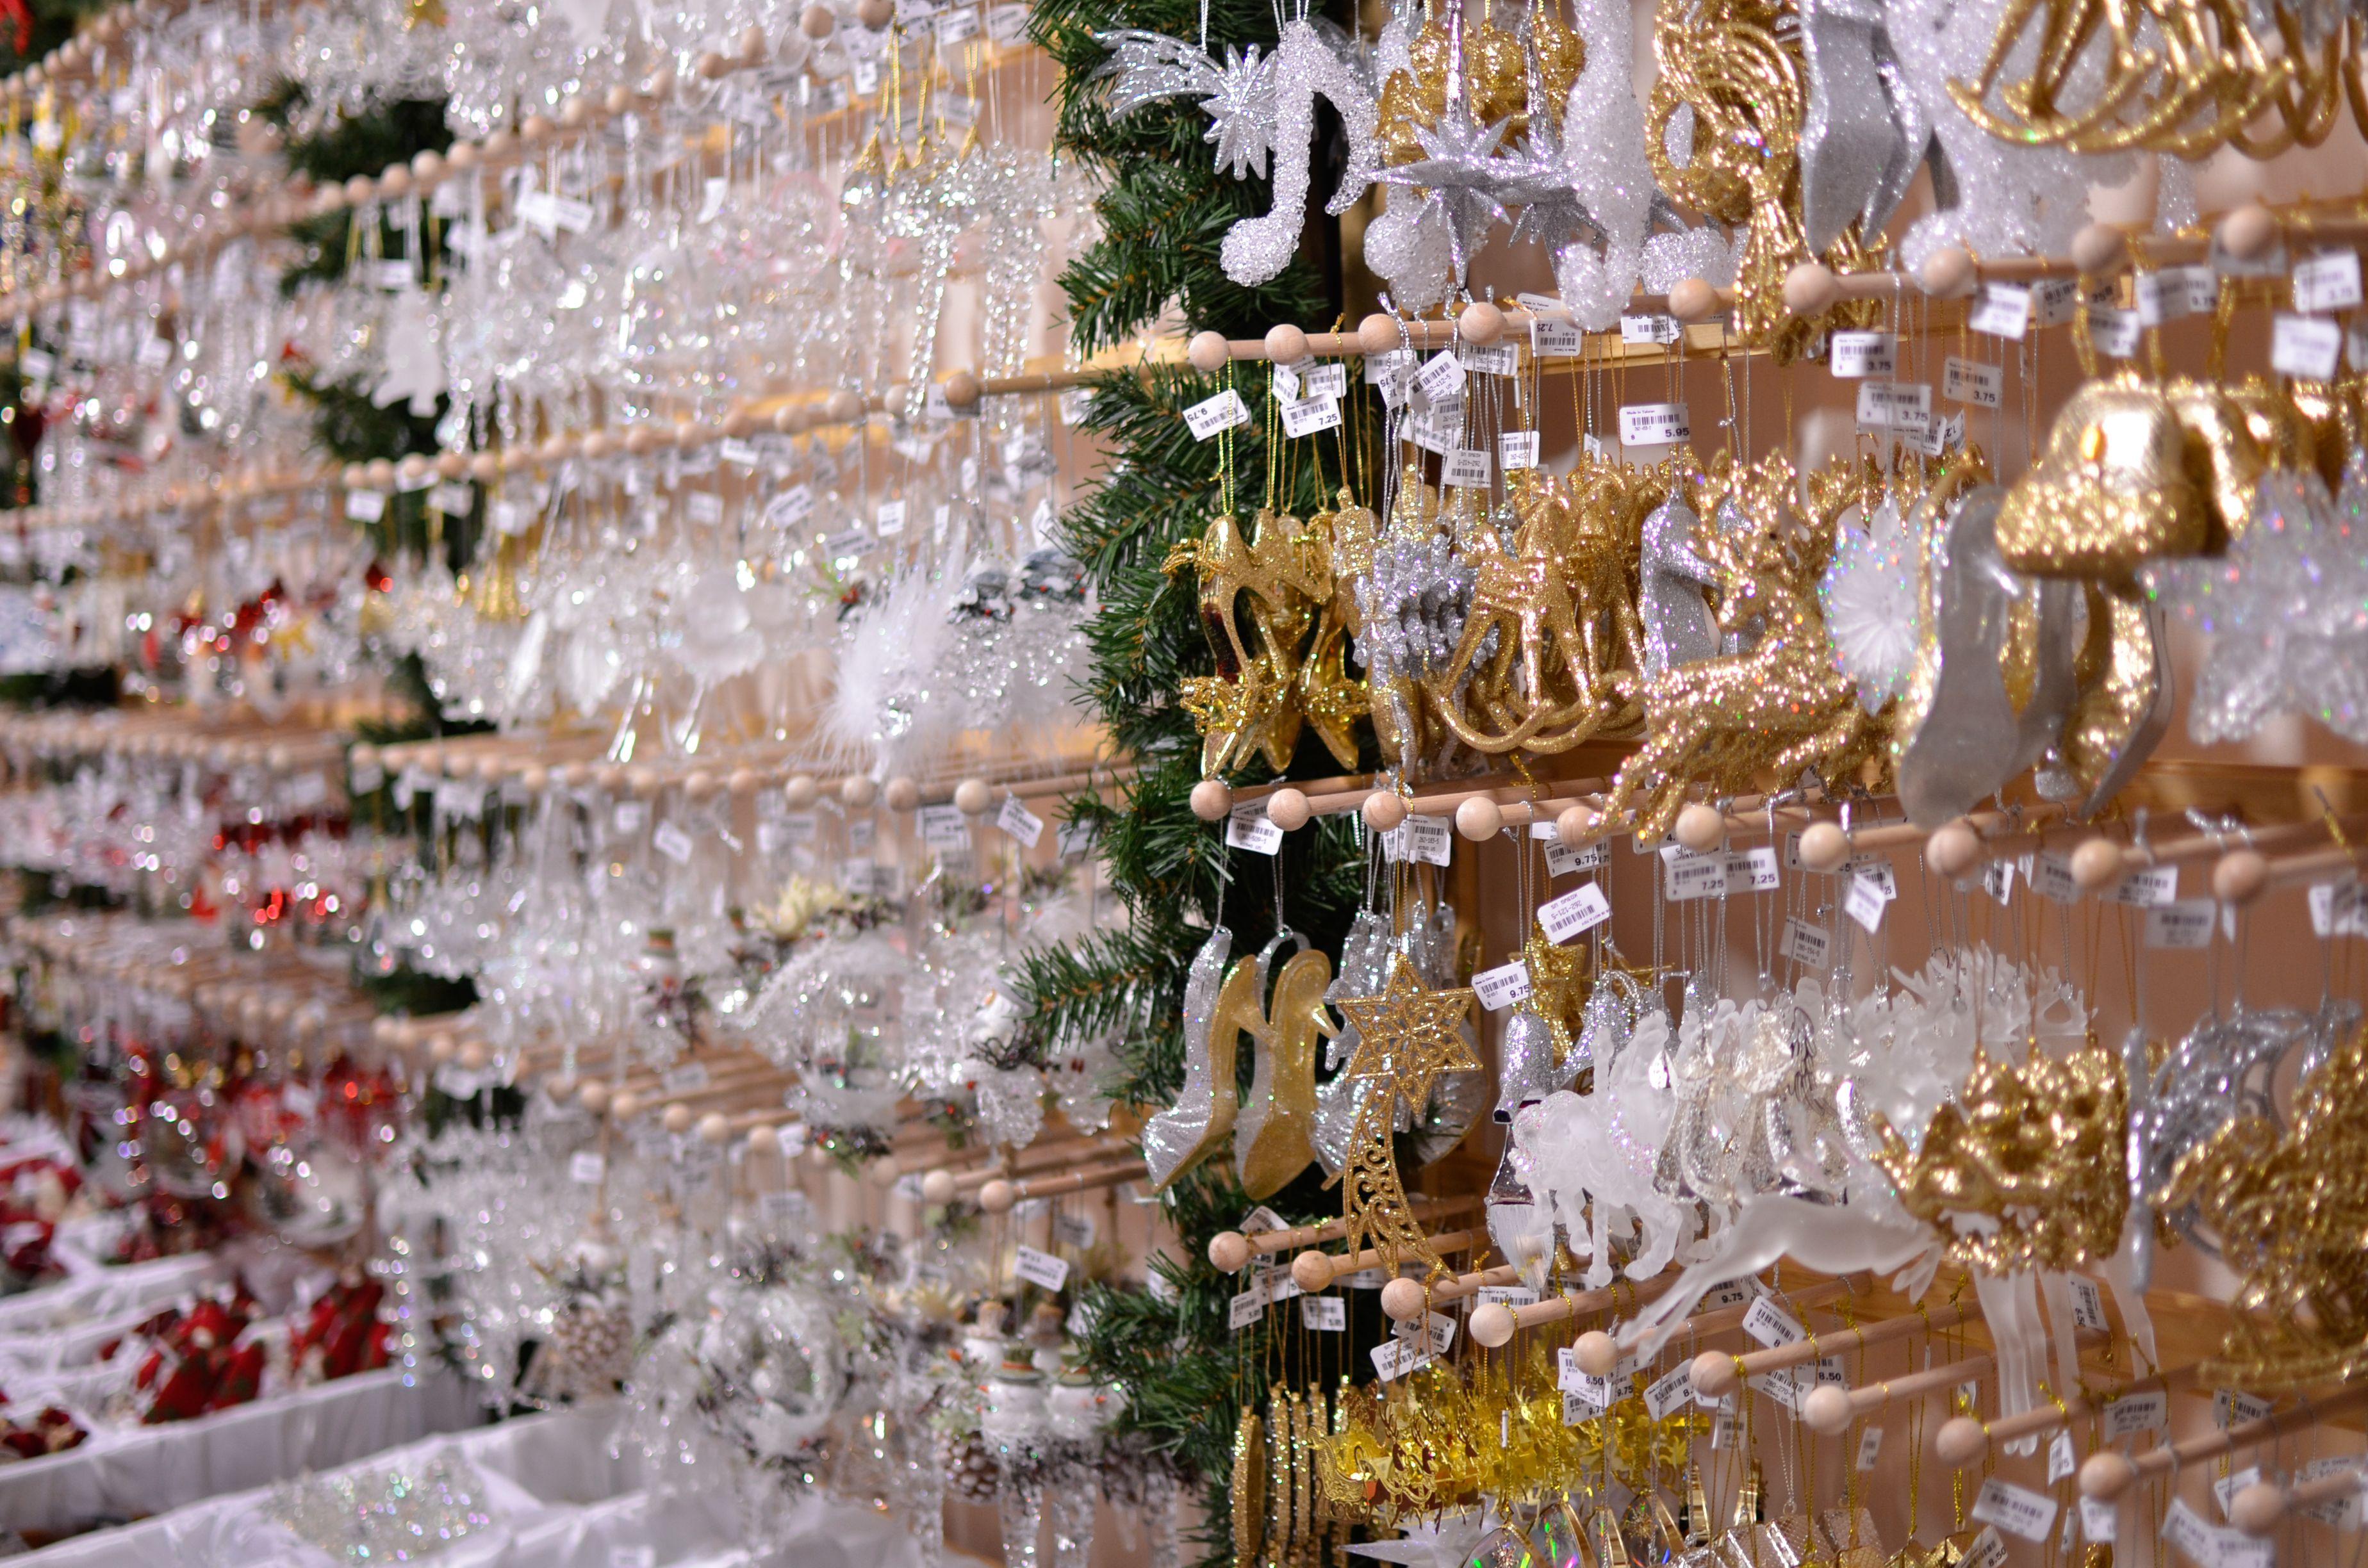 Beautiful glass ornaments - Beautiful Glass Ornaments By Famous German Vendor Kathe Wohlfahrt Our 40 International Vendors At